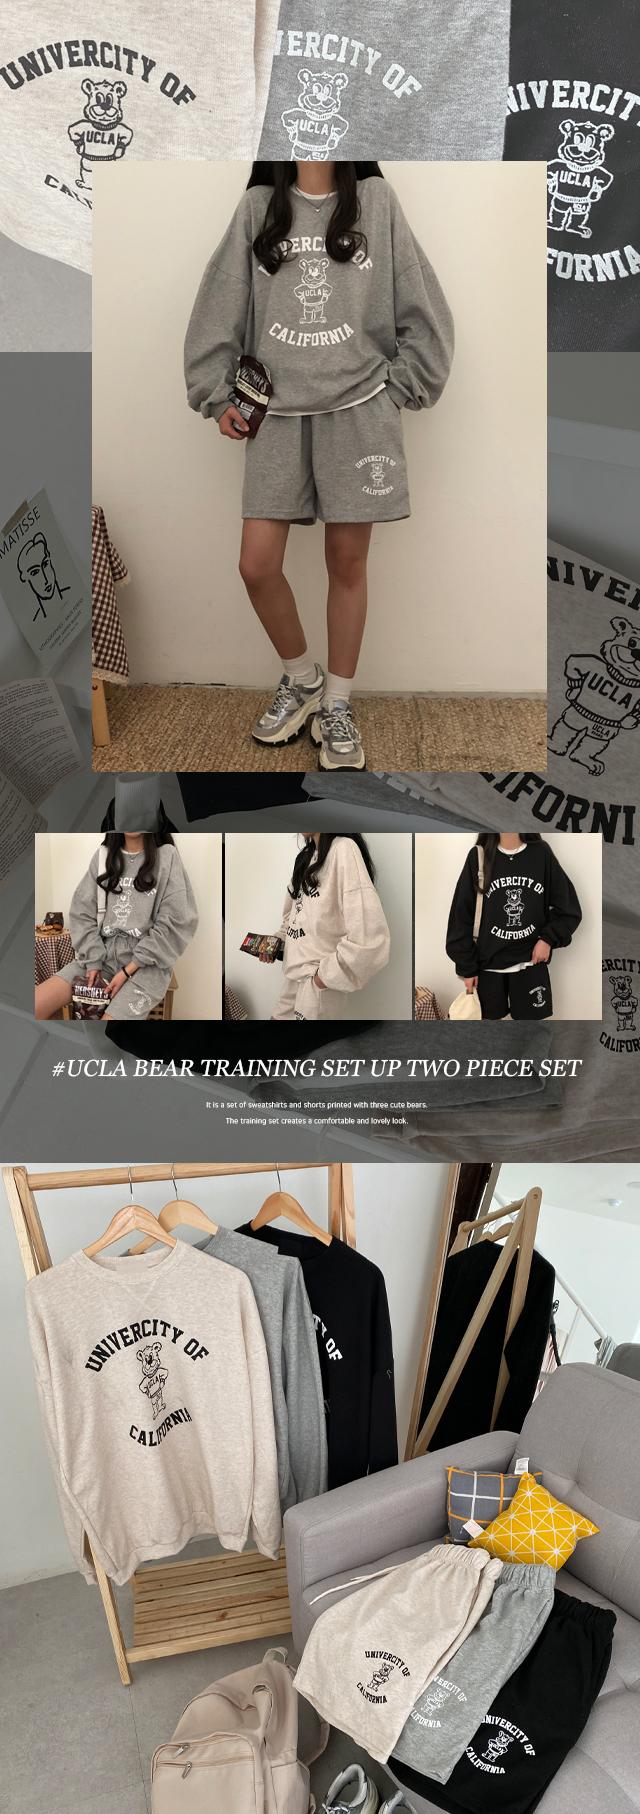 Ukla Bear Training Setup Two-Piece Set